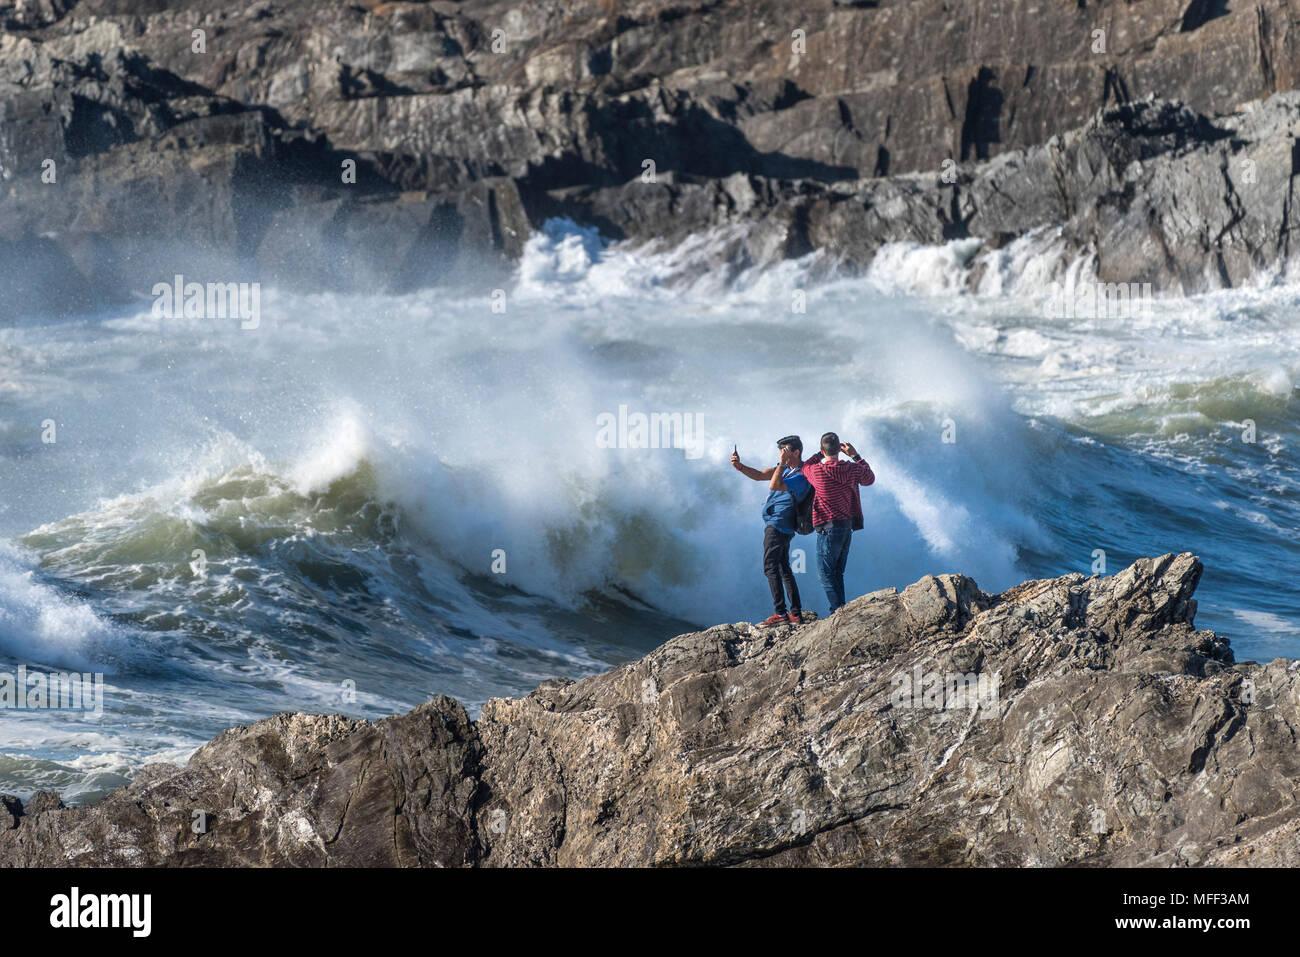 Touristen stehen auf Felsen die Fotografie als große mächtige Wellen brechen am Ufer an wenig Fistral in Newquay Cornwall. Stockbild